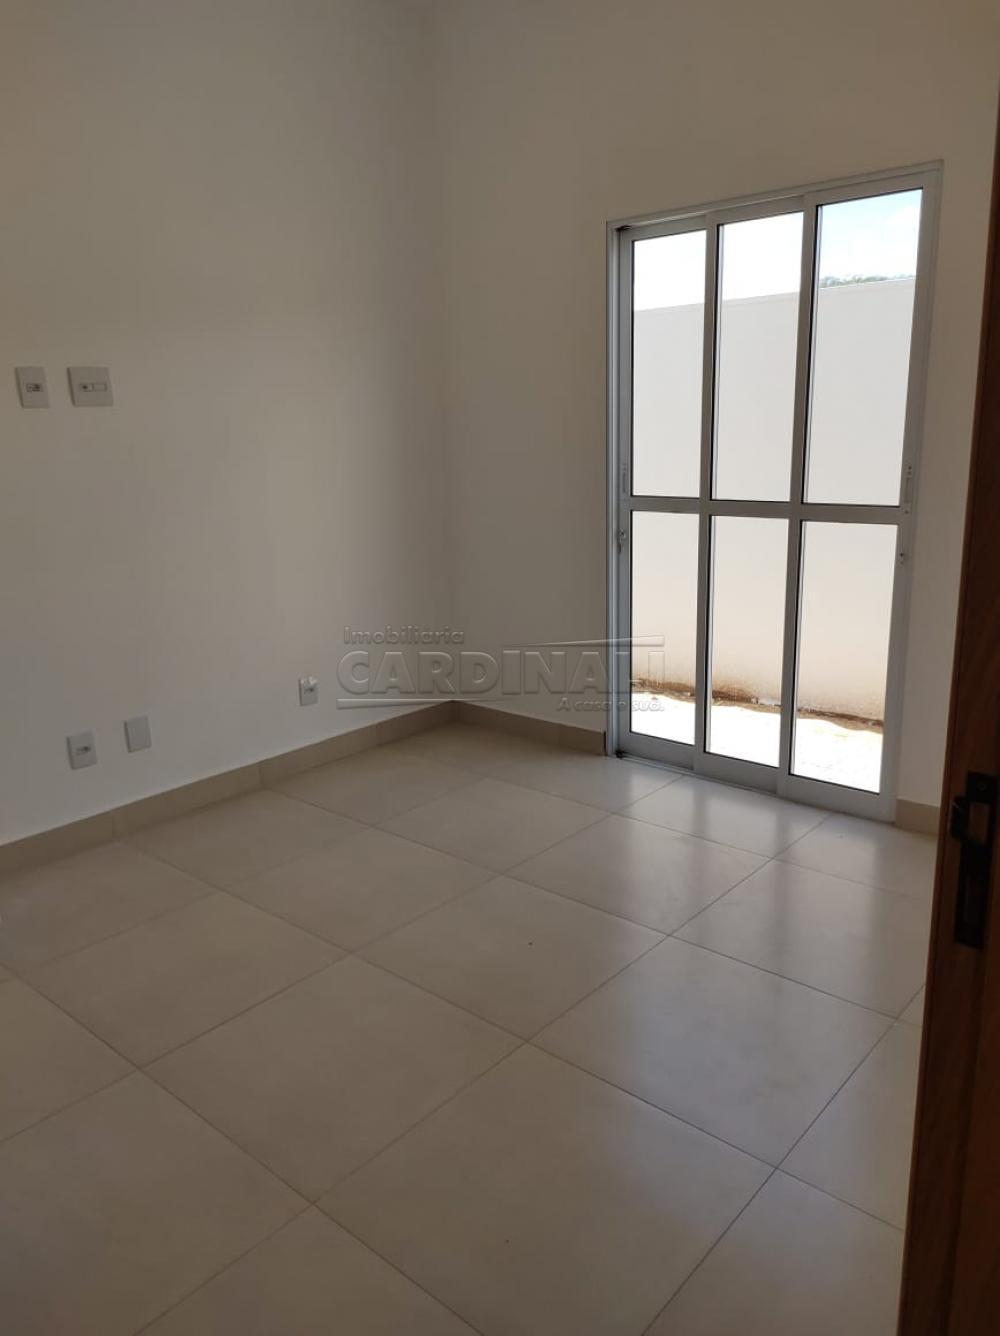 Comprar Casa / Condomínio em Araraquara R$ 480.000,00 - Foto 21